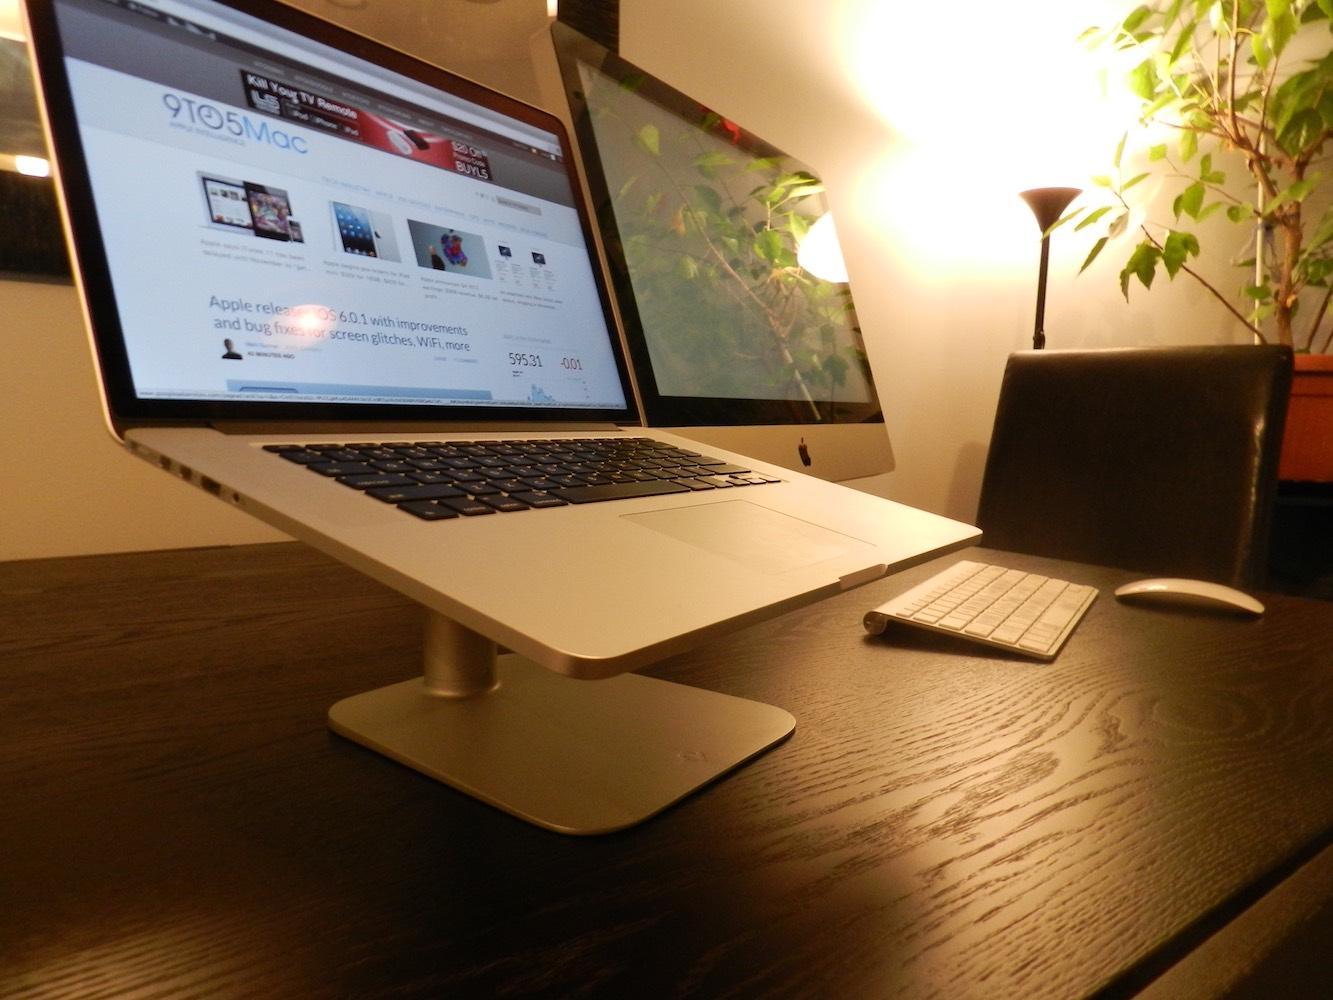 HiRise+For+Macbook